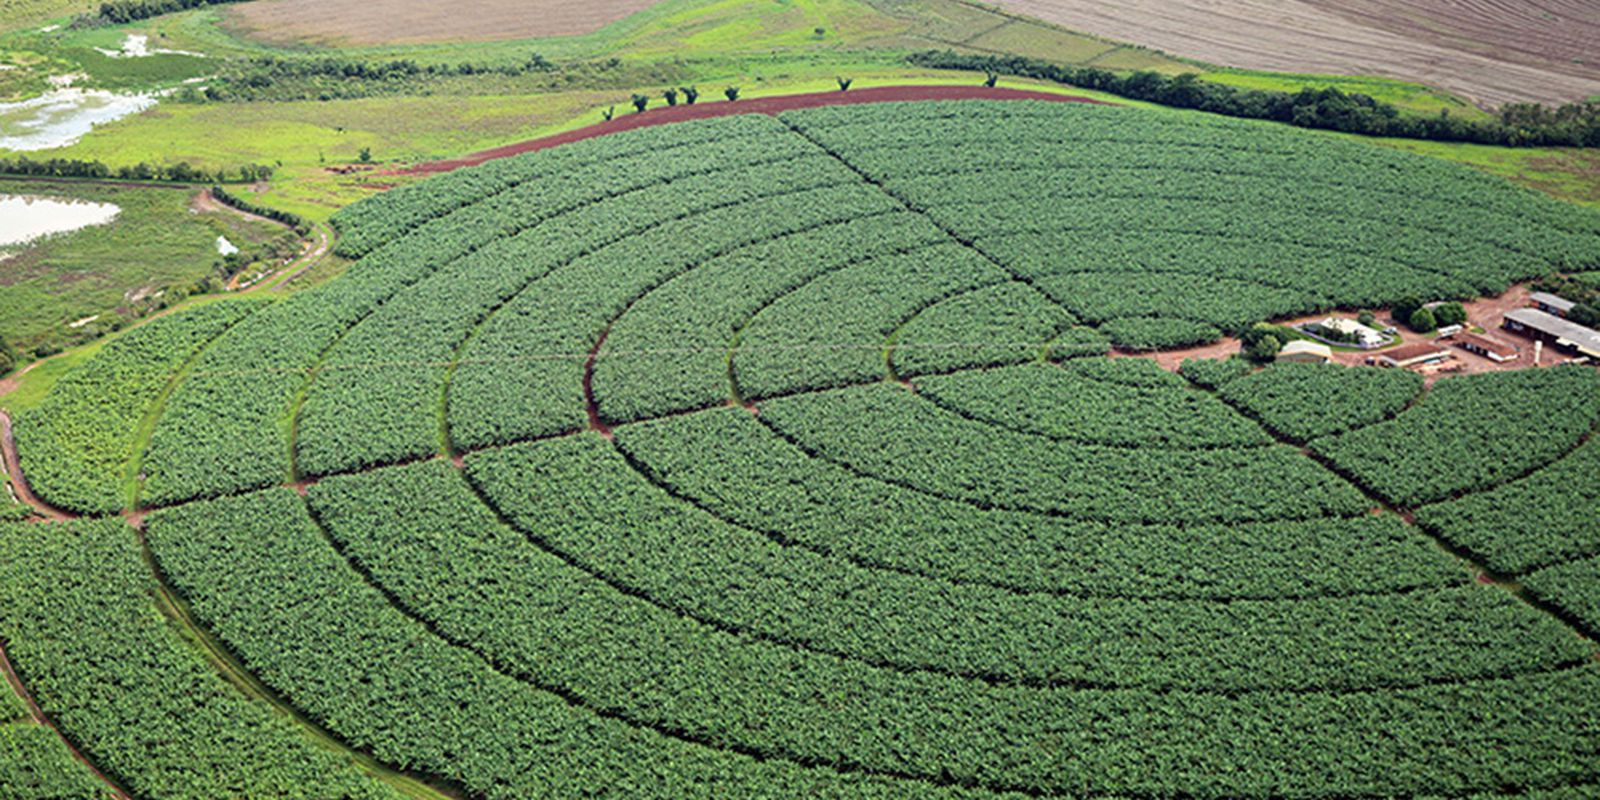 pivôs centrais de irrigação, Plantação de soja